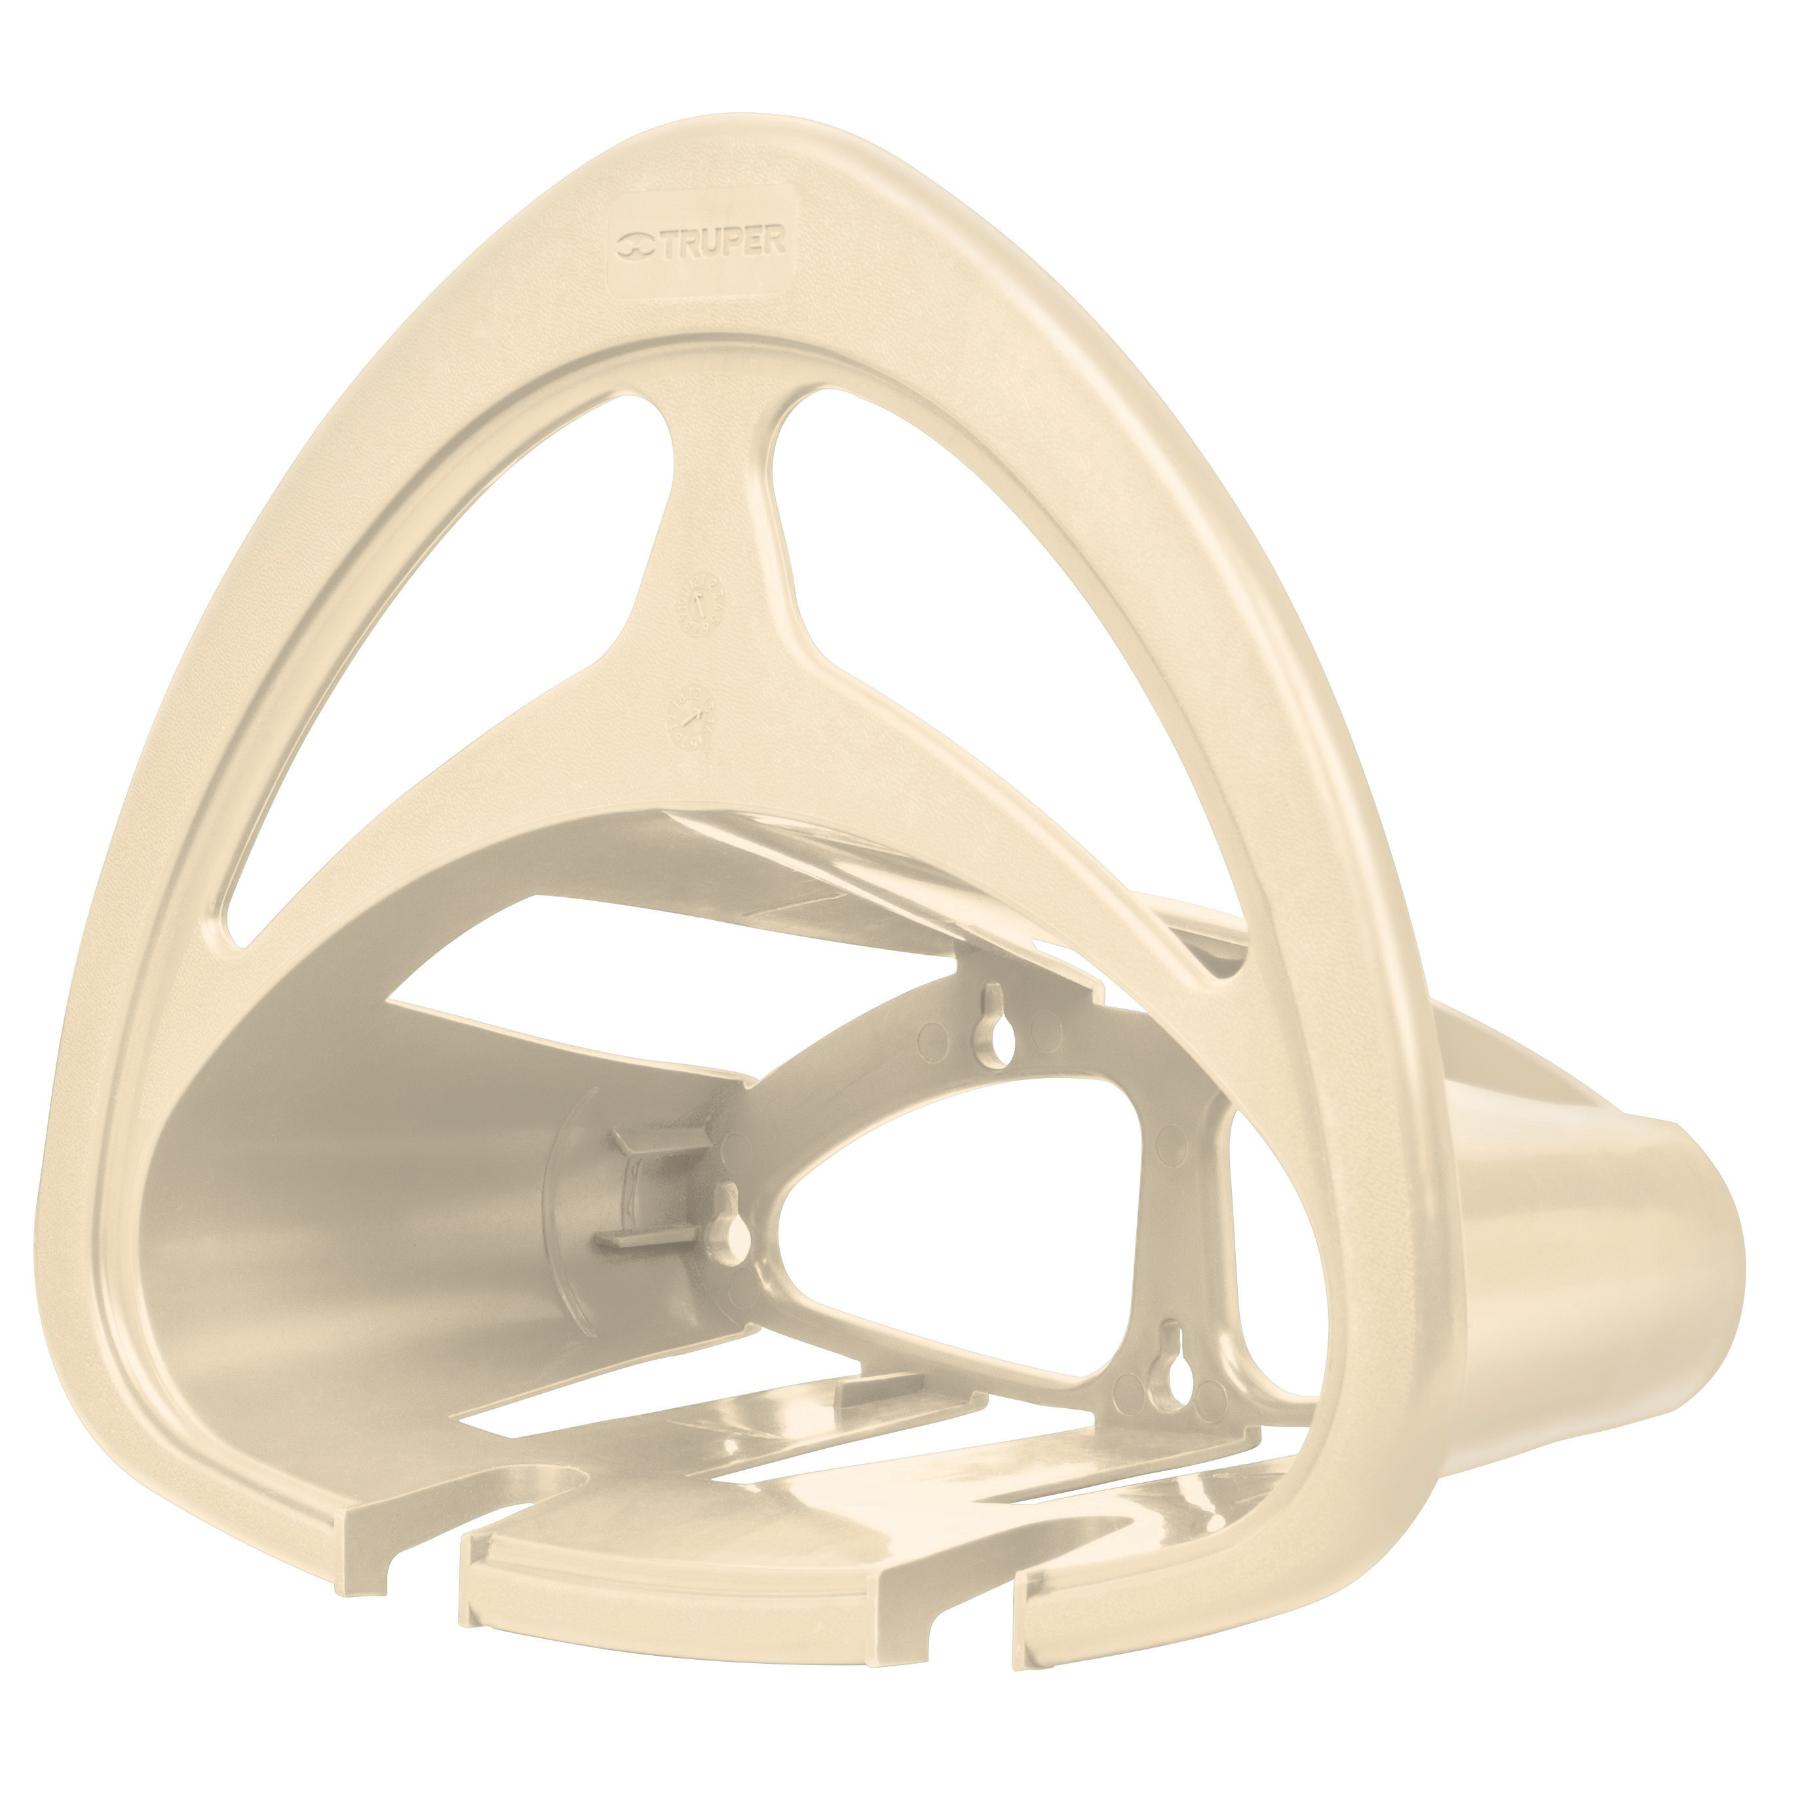 Portamanguera de plástico, beige